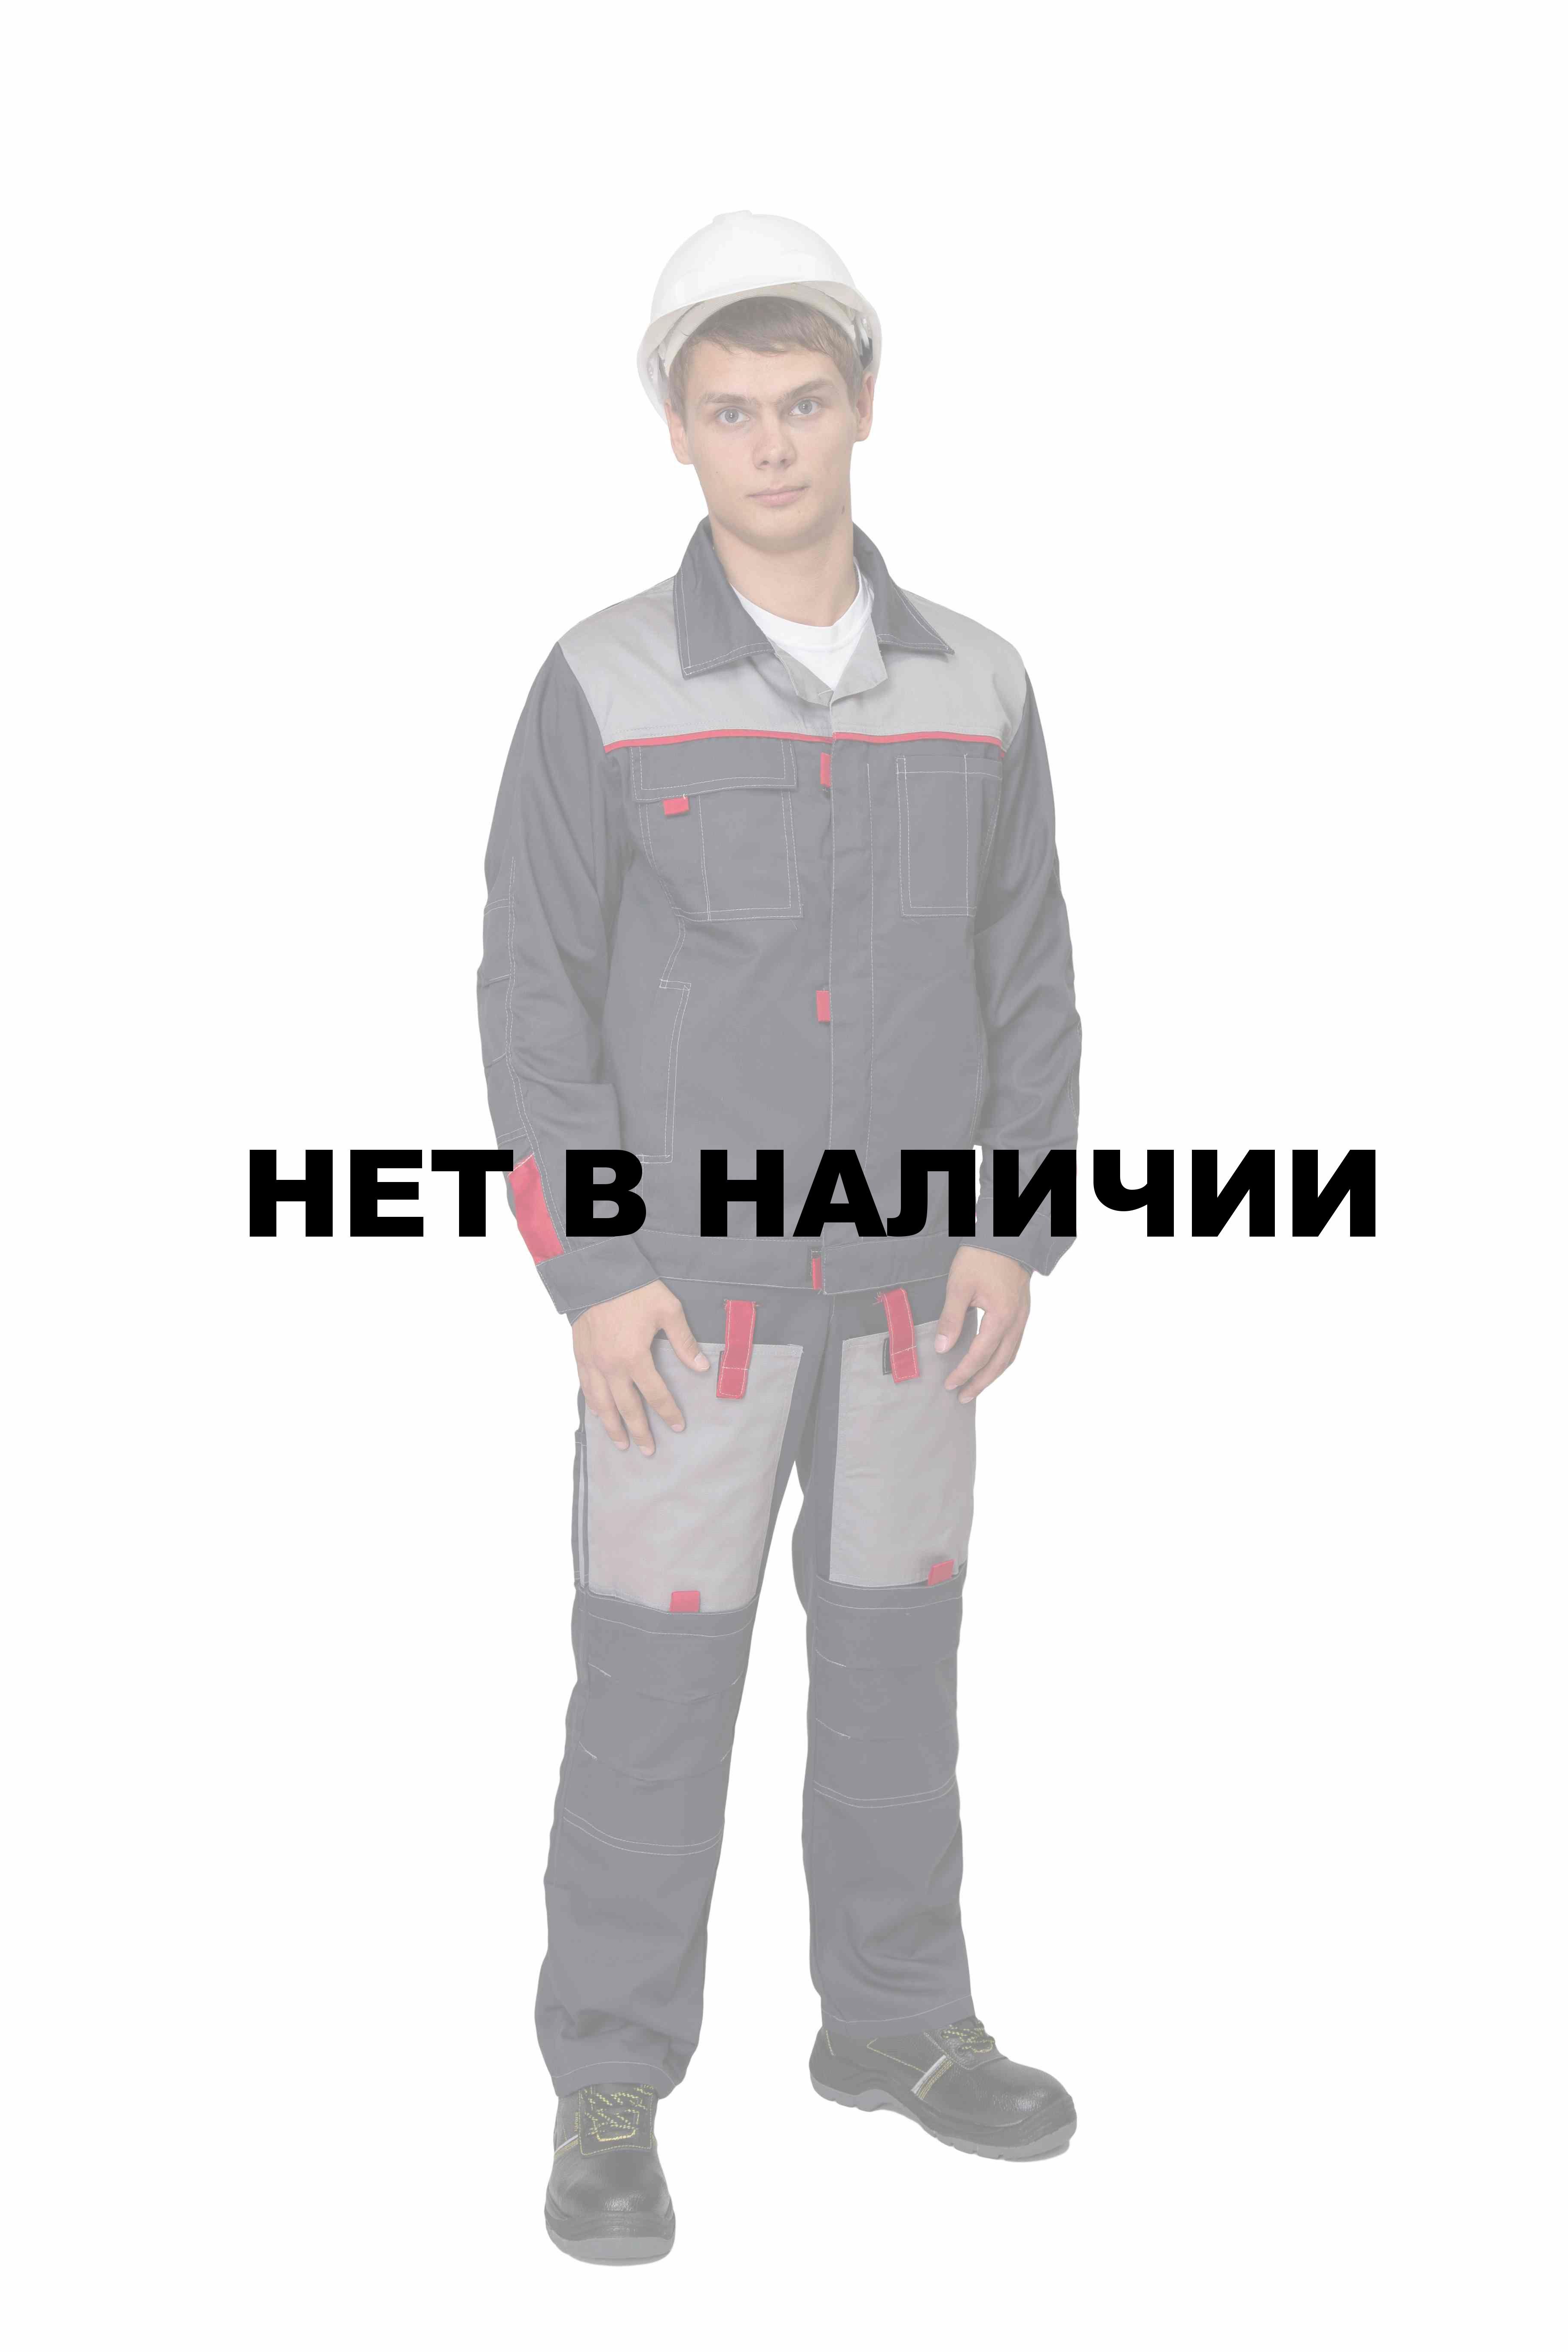 f20ef889cbfe Костюм мужской Фаворит-2 летний с полукомбинезоном темно-серый/светло-серый/